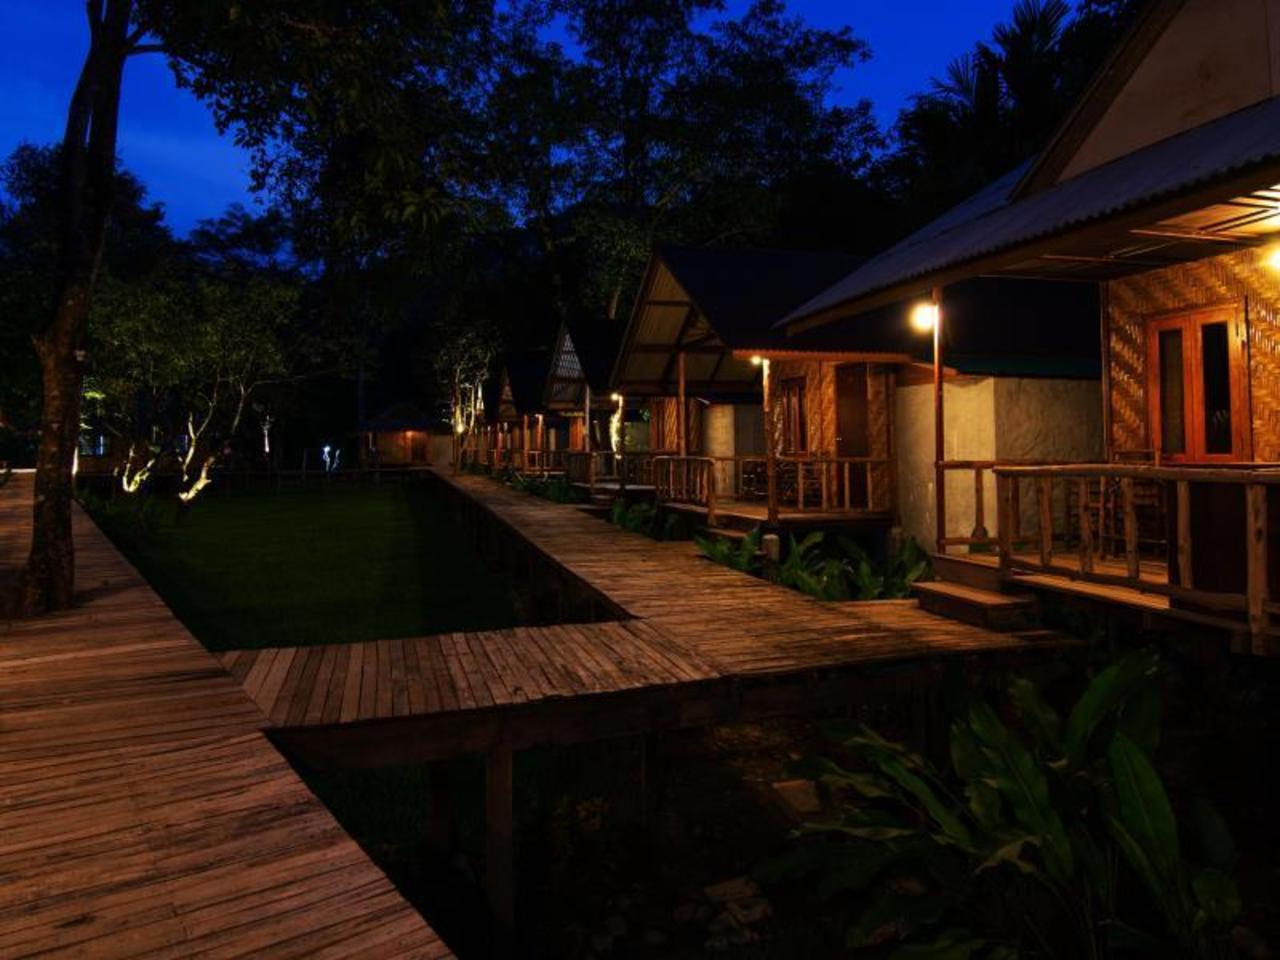 เขาสก คาบานา รีสอร์ท (Khao Sok Cabana Resort)